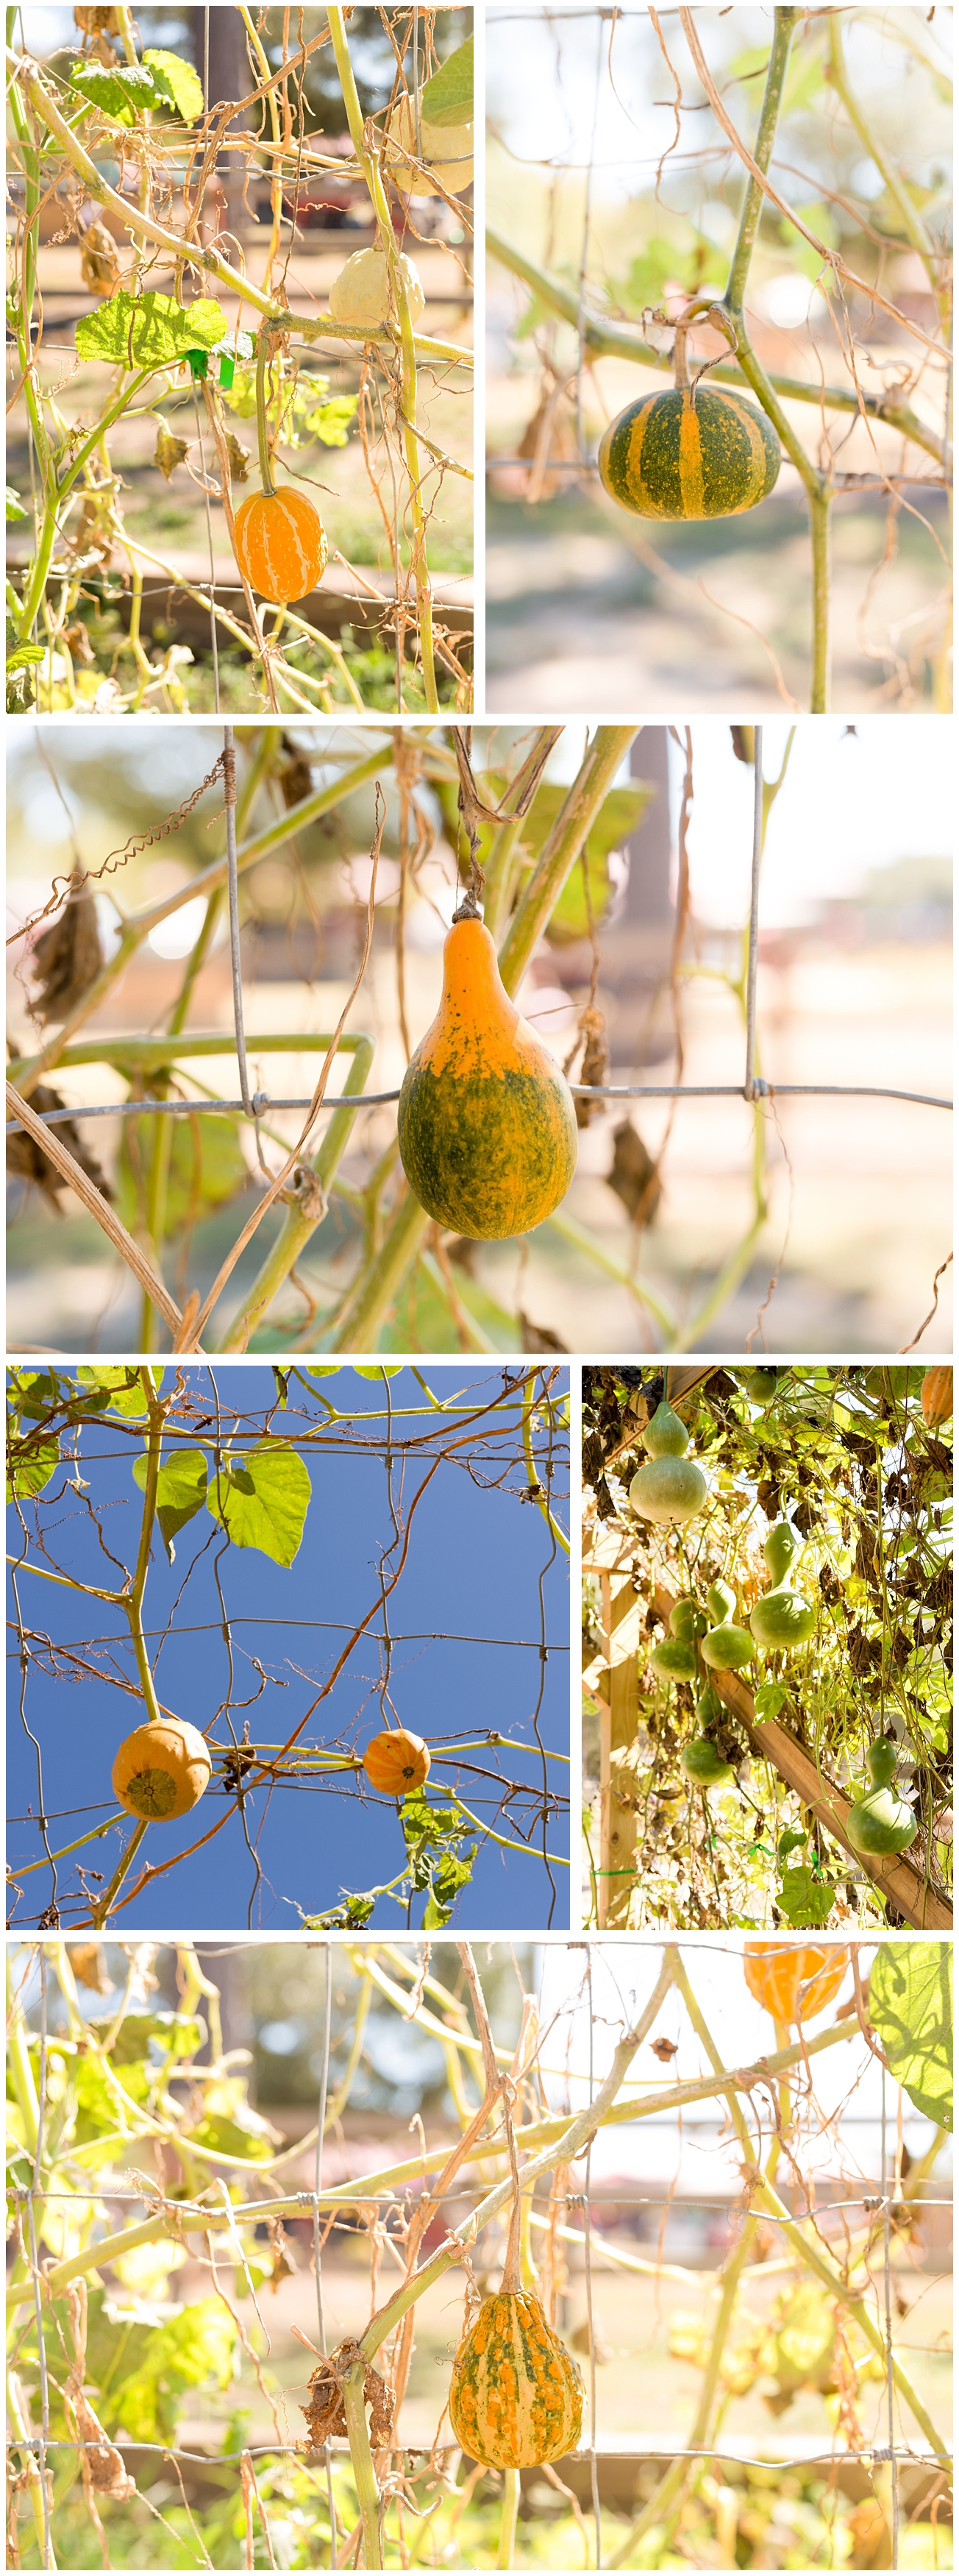 gourds on vine at pumpkin patch